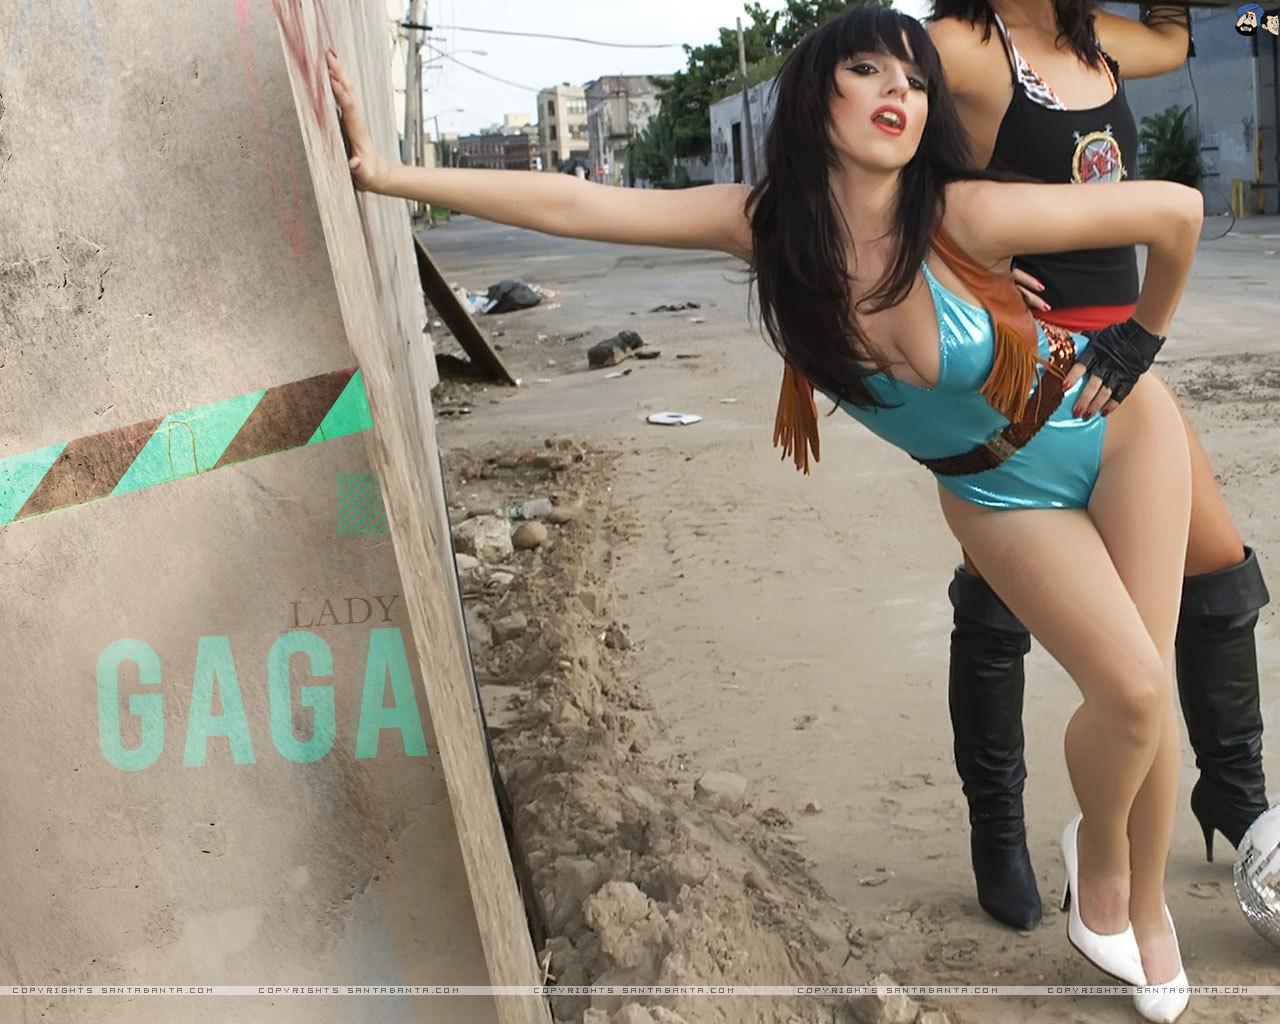 Lady Gaga - Images